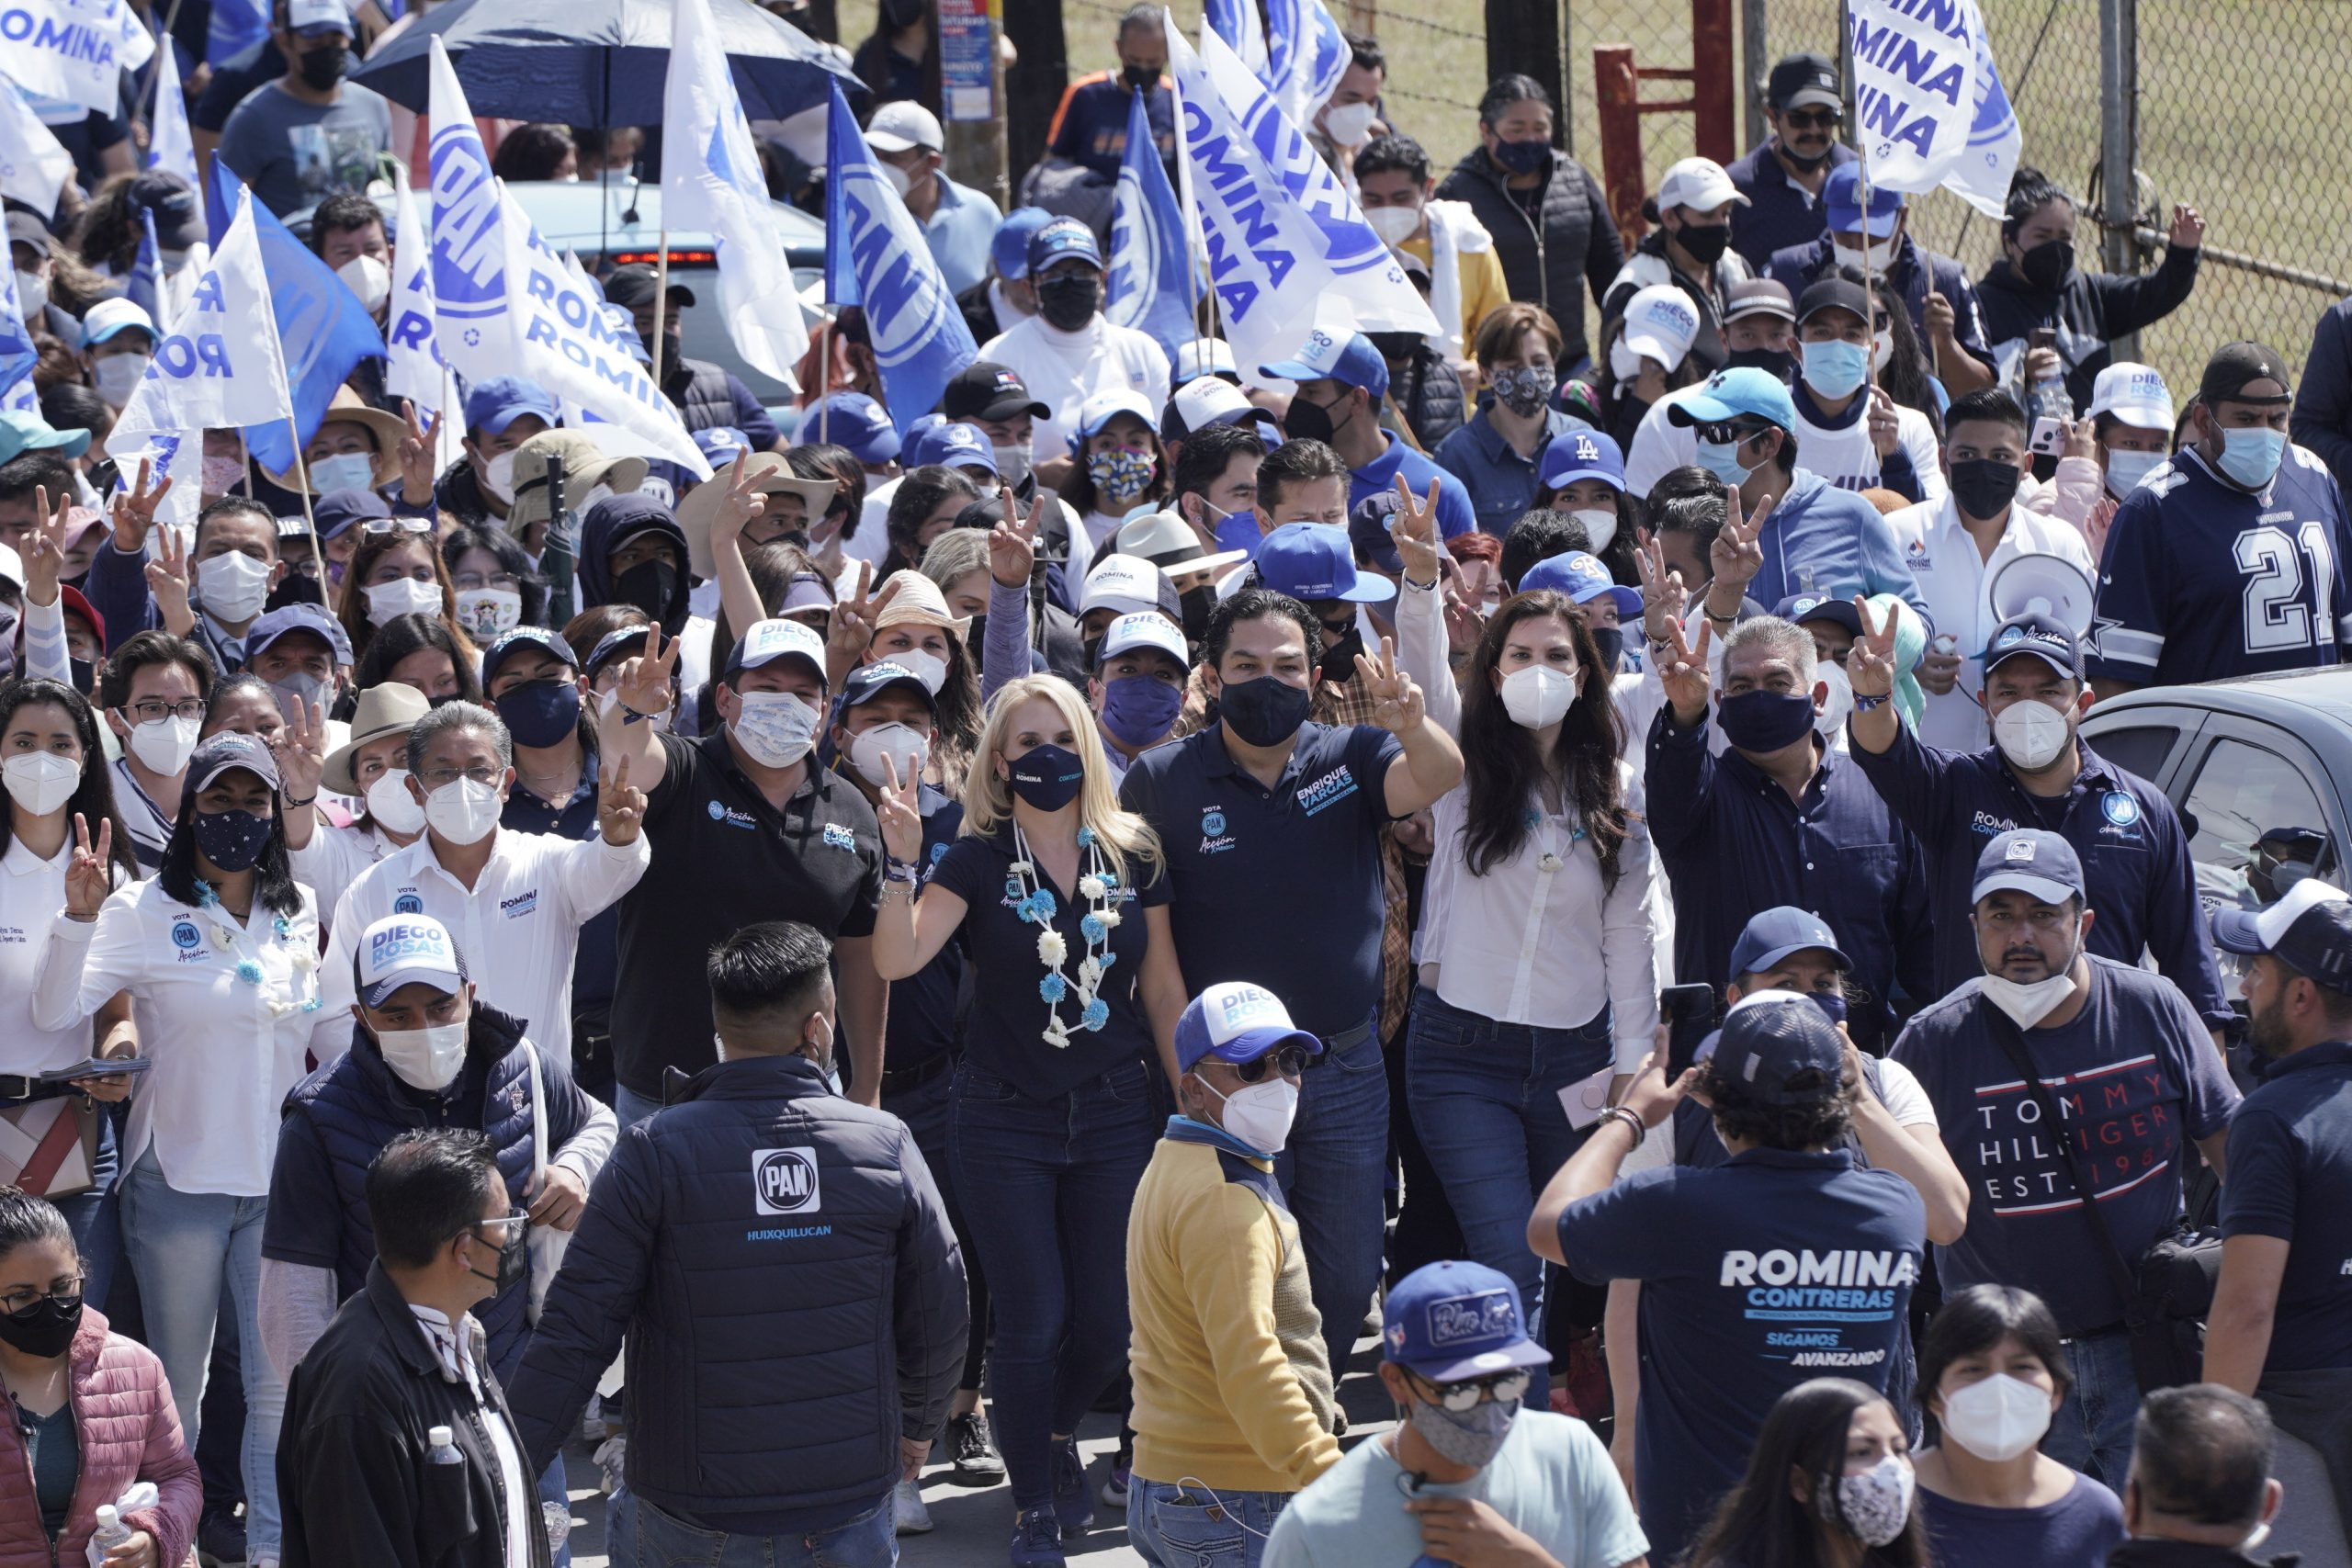 Huixquilucan seguirá avanzando con un gobierno siempre disponible para la ciudadanía: Romina Contreras